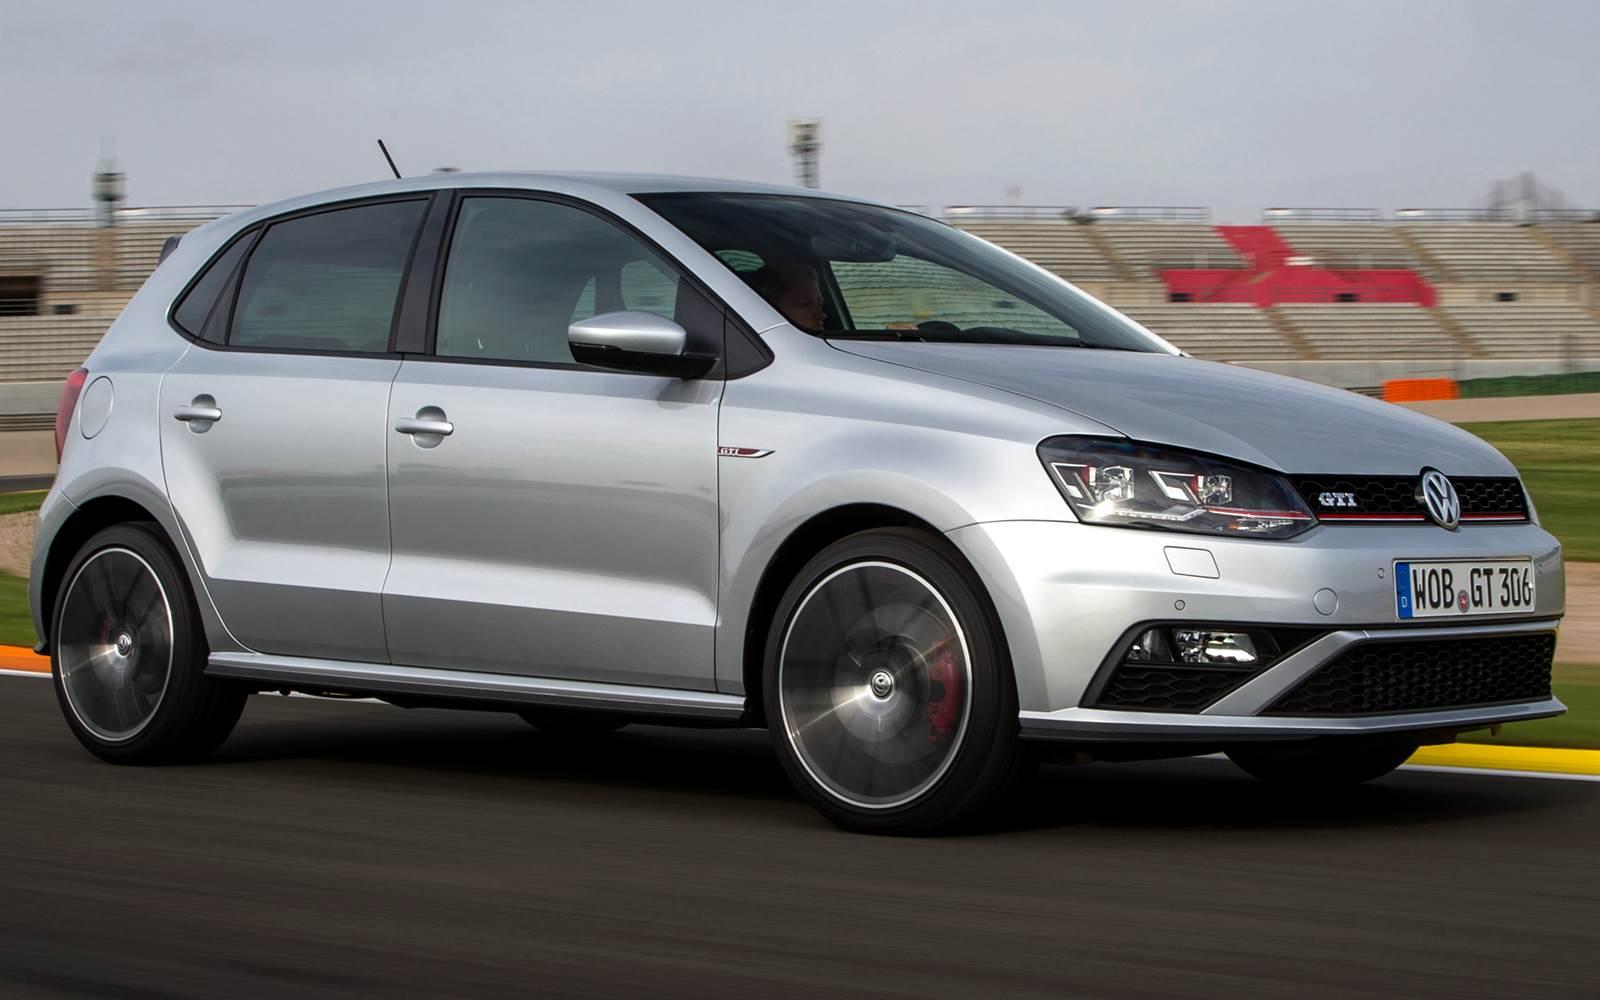 Volkswagen Polo 2016 - compacto mais vendido do mundo